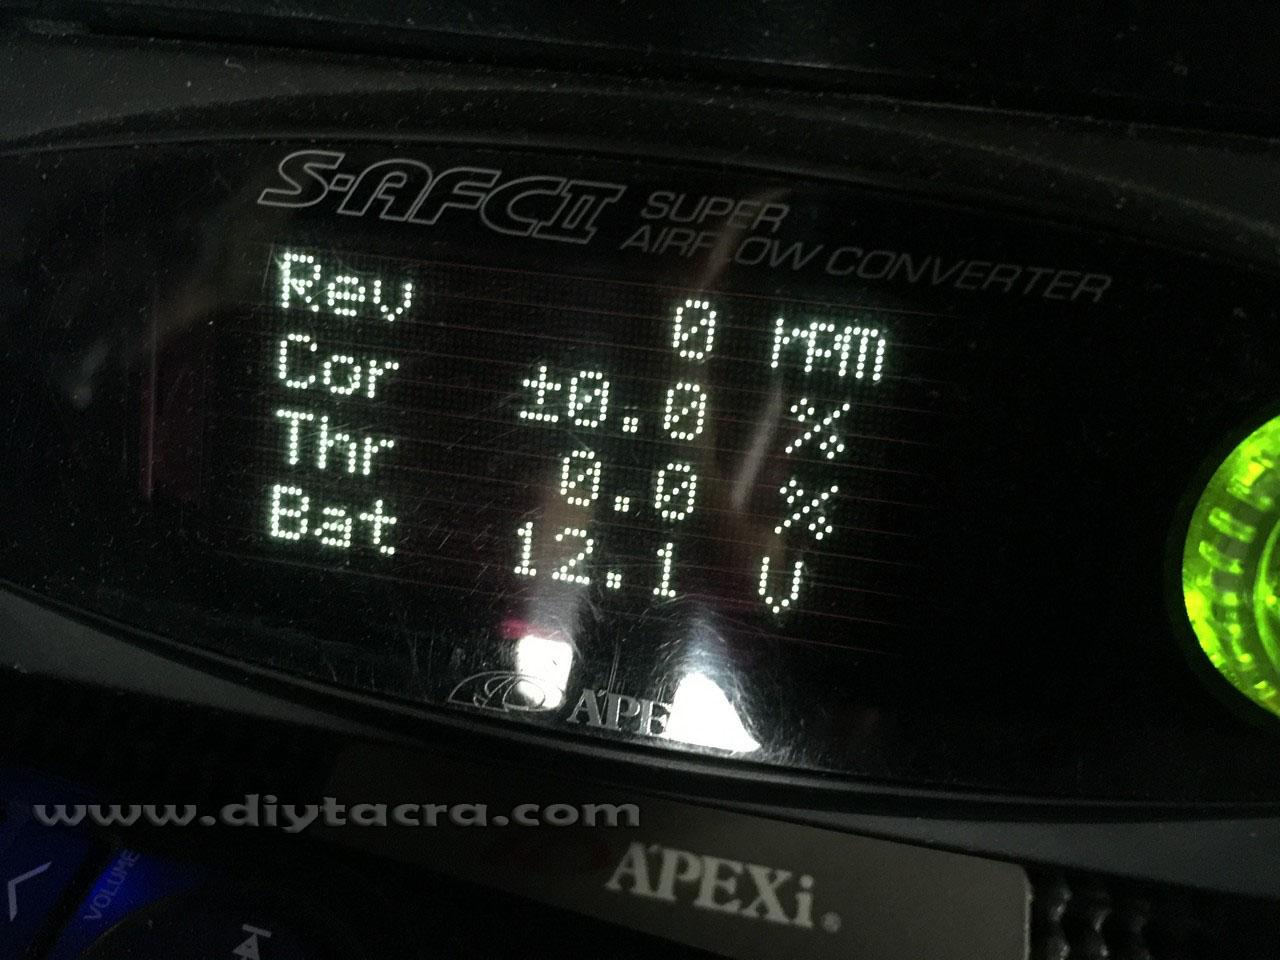 Tacras Diy Garage Battery Alternator Proton Saga Blm Fuse Box Diagram Sesebuah Kereta Sekiranya Apabila Enjin Sudah Stabil Voltage Sekitar 10v 115v Ini Menunjukkan Anda Tidak Sihat Dan Perlu Diservis